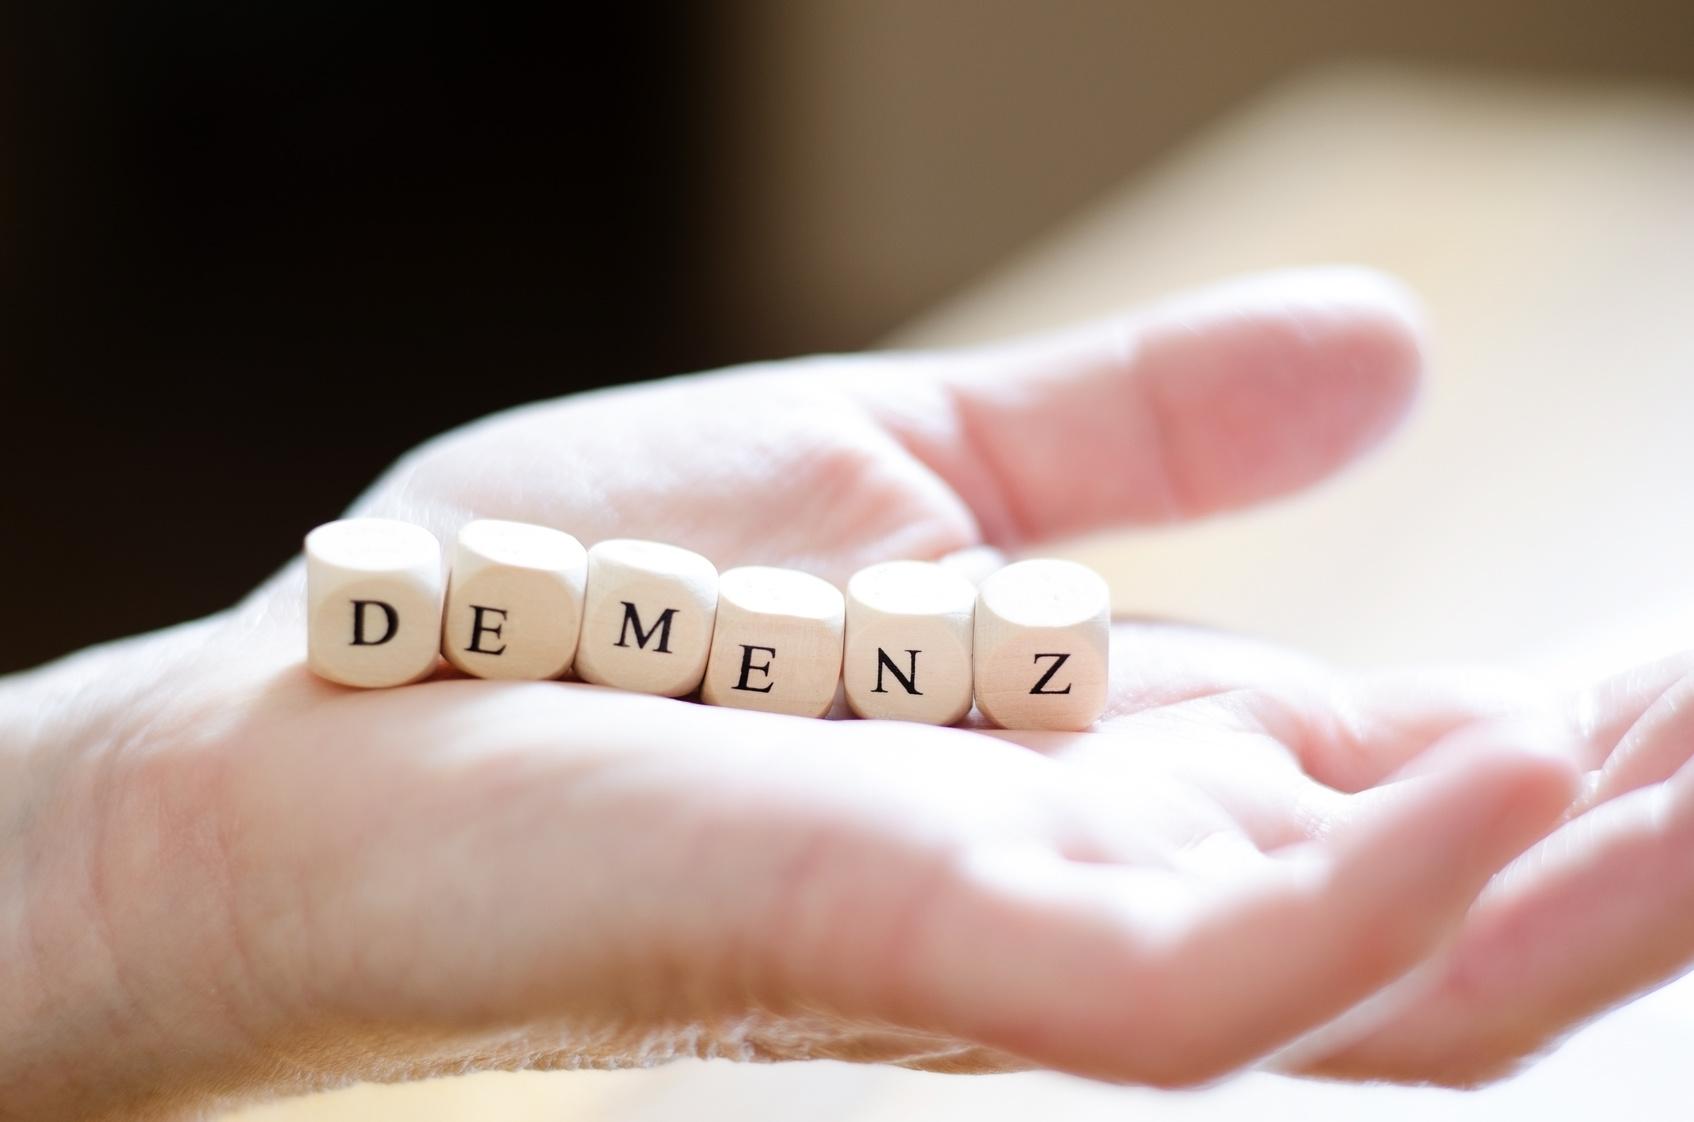 Demenz, Alzheimer, Gedächtnisverlust-symbolisch